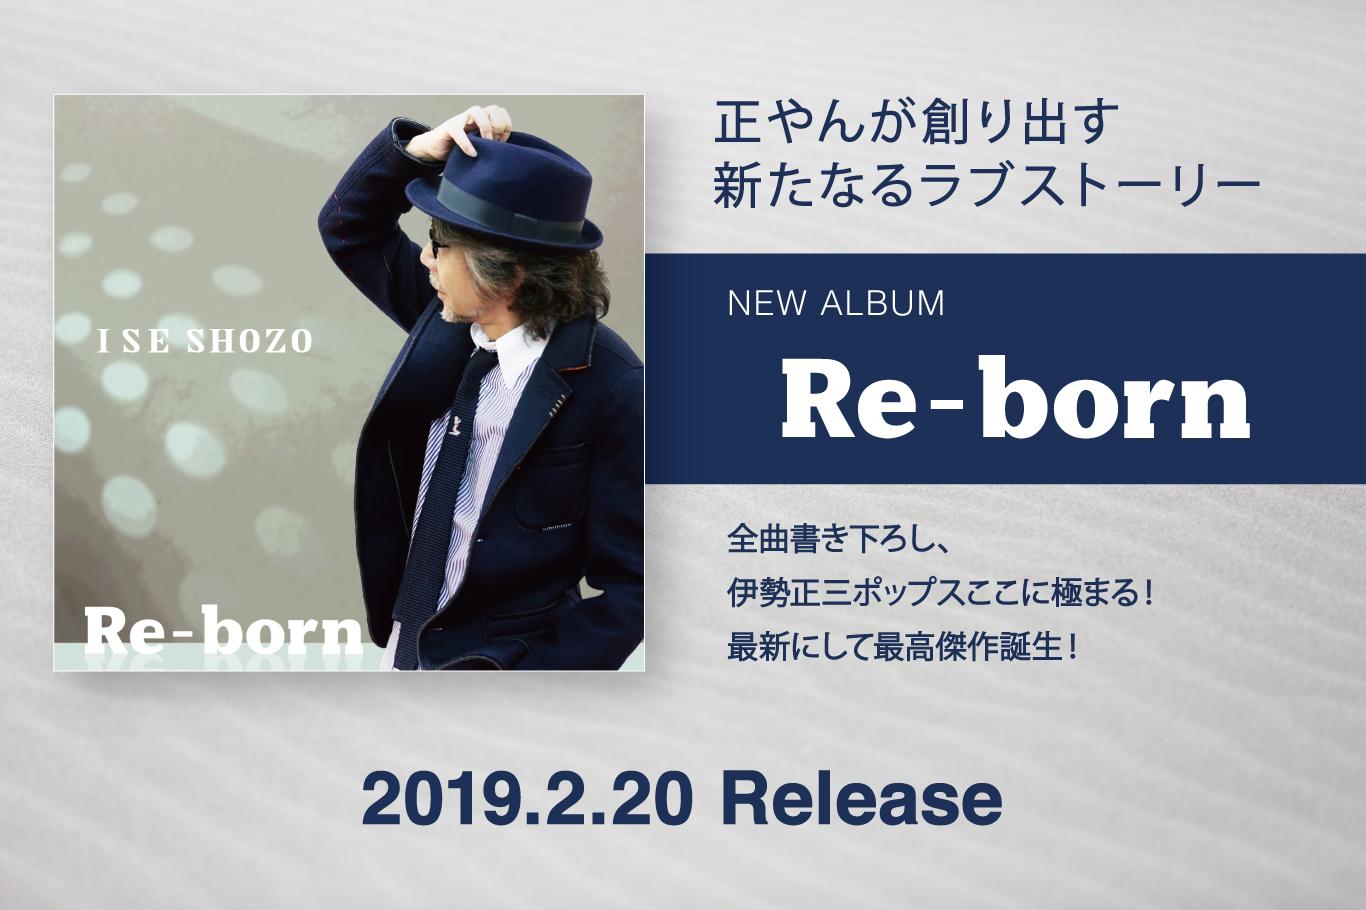 Re-born アルバム特設ページ